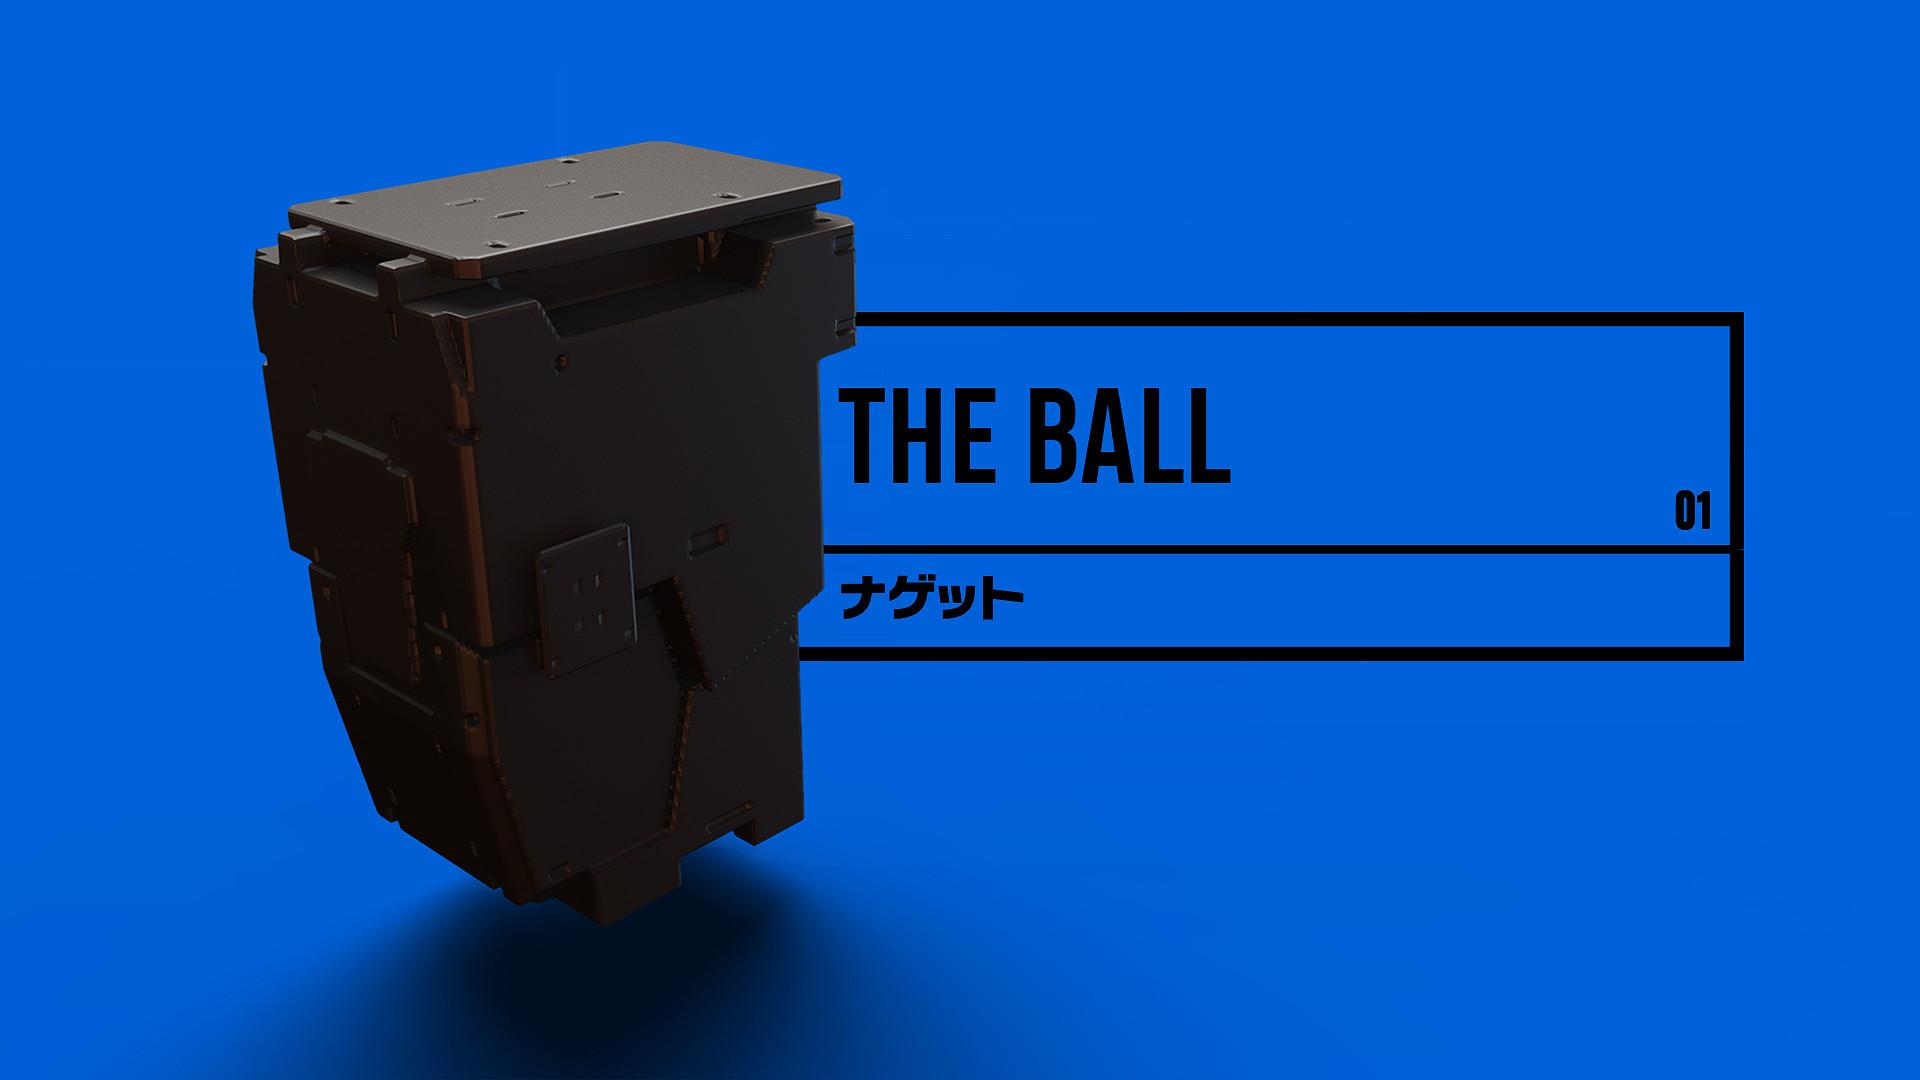 Andre lang huynh theball01